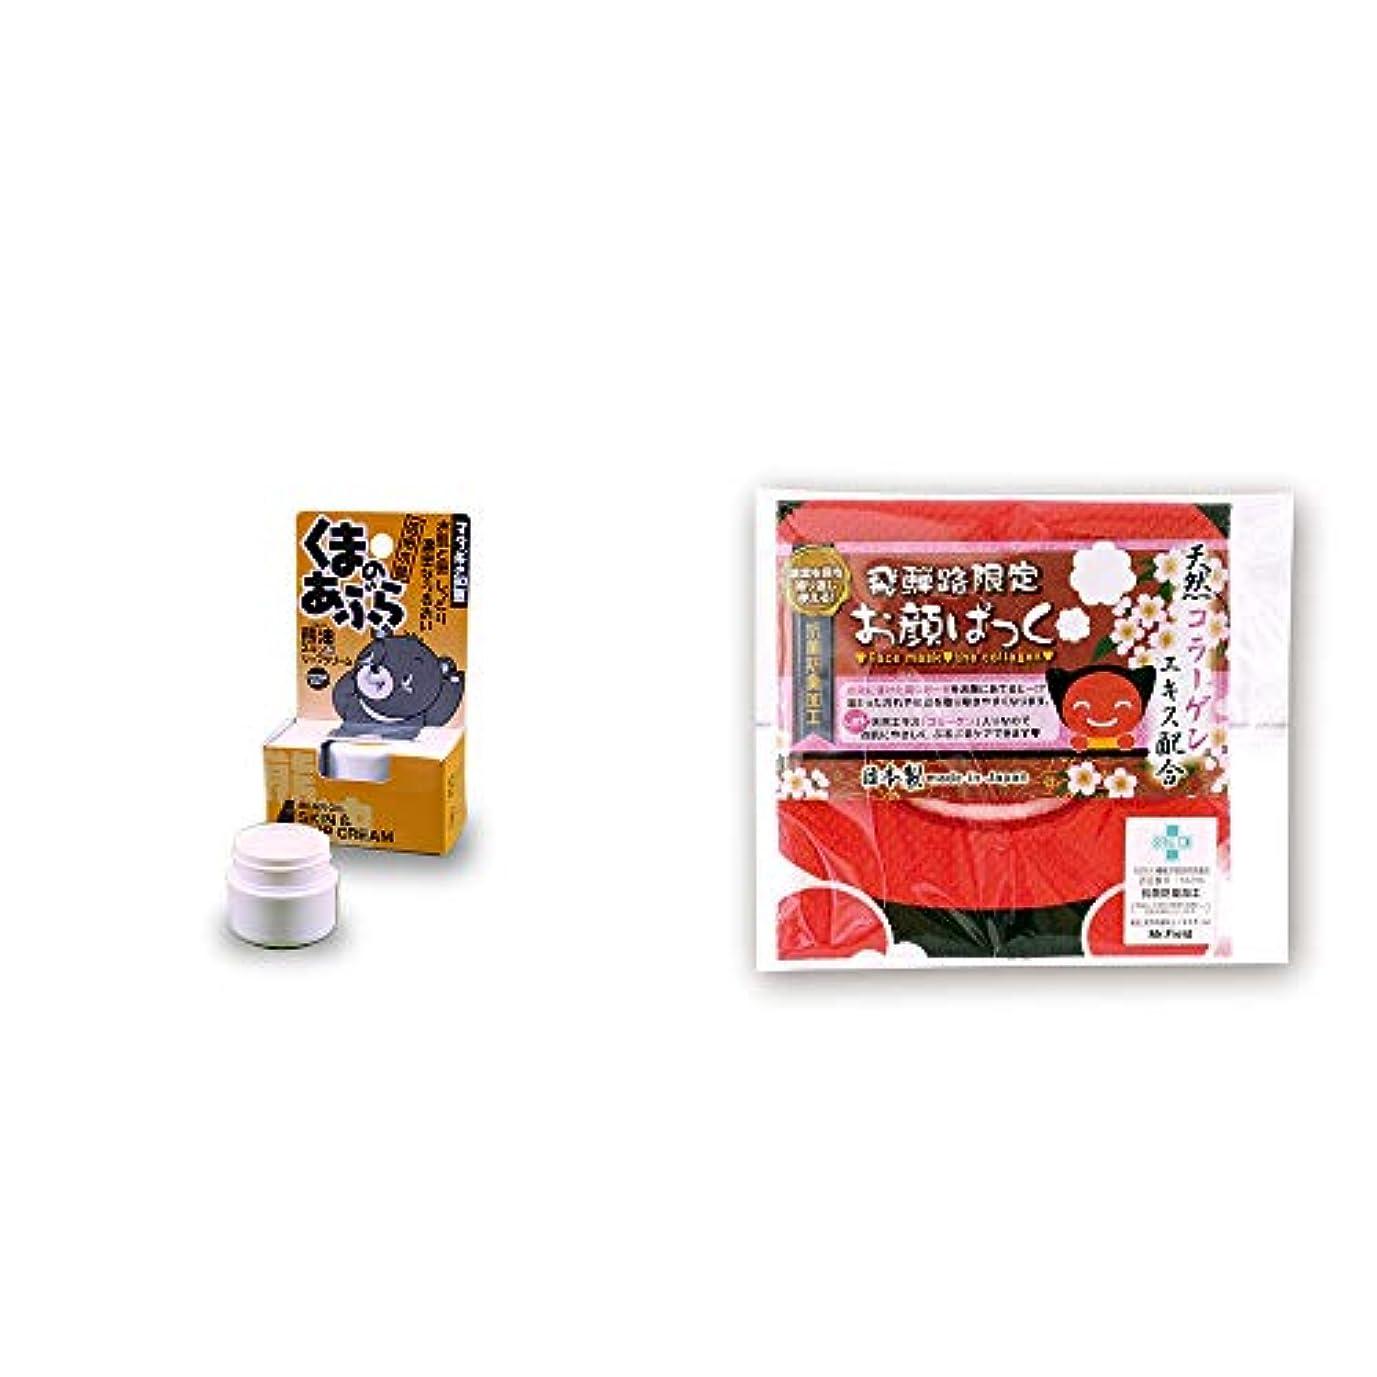 化学薬品オーバーラン超高層ビル[2点セット] 信州木曽 くまのあぶら 熊油スキン&リップクリーム(9g)?飛騨路限定 さるぼぼ お顔ぱっく[耳かけ紐付き](1枚入)/繰り返し使えるガーゼ生地フェイスパック(日本製)//